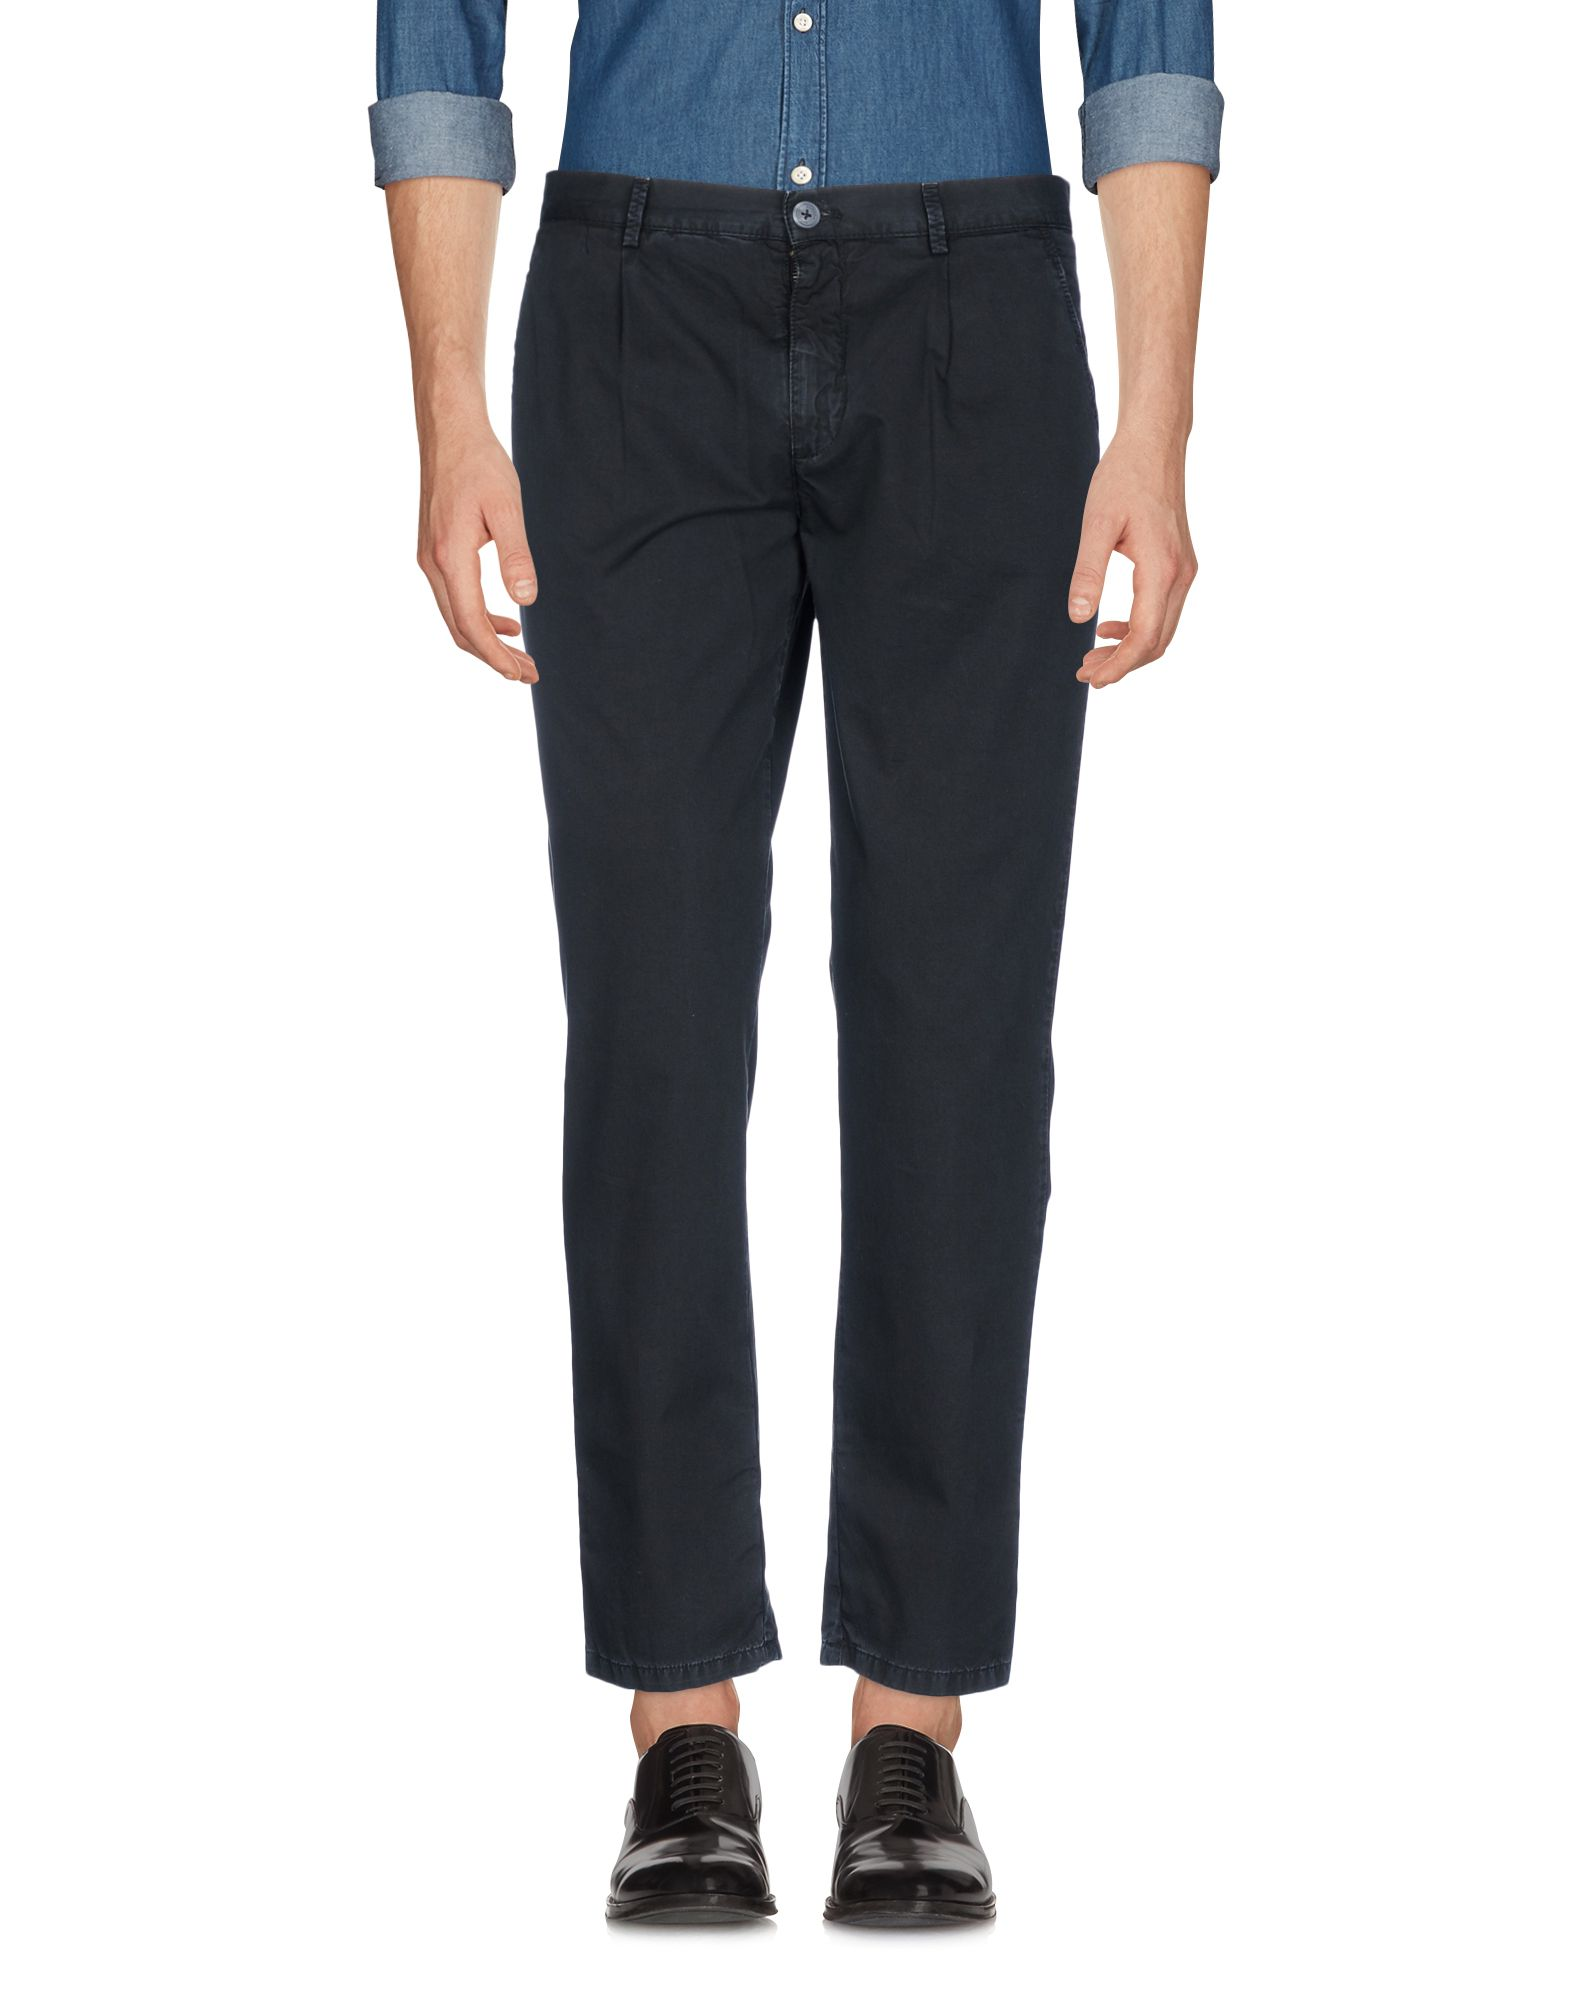 《送料無料》BASICON メンズ パンツ ブラック 44 コットン 100%